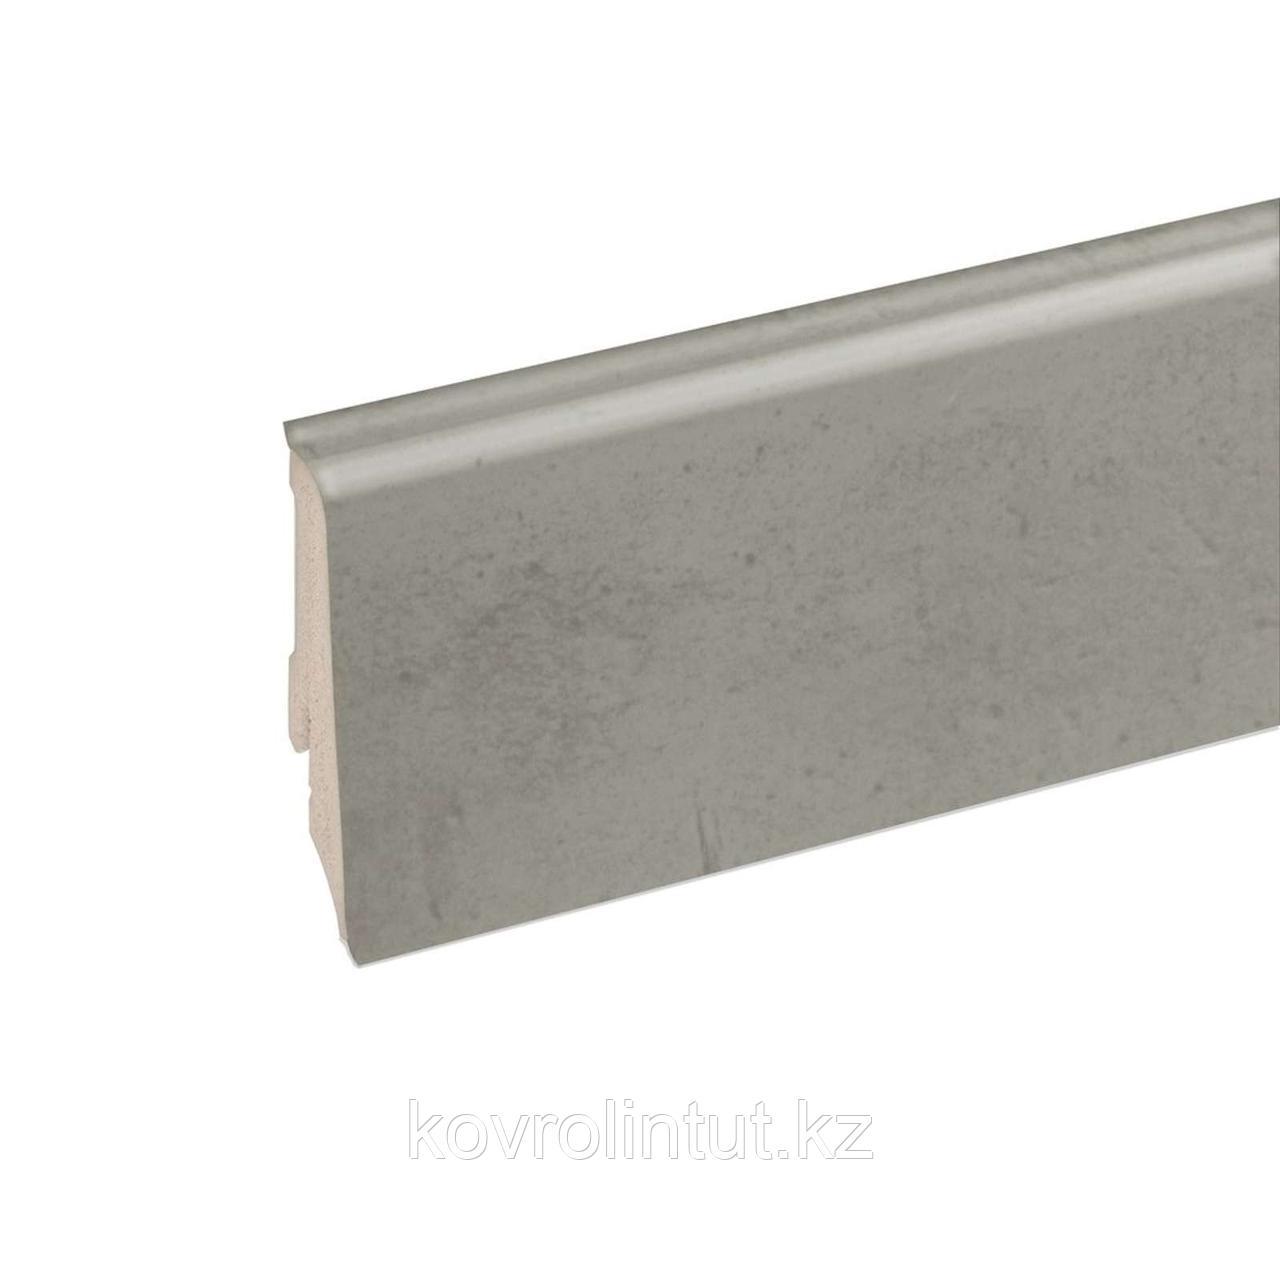 Плинтус композитный для LVT Neuhofer Holz, K0210L, 714472, 2400х59х17 мм